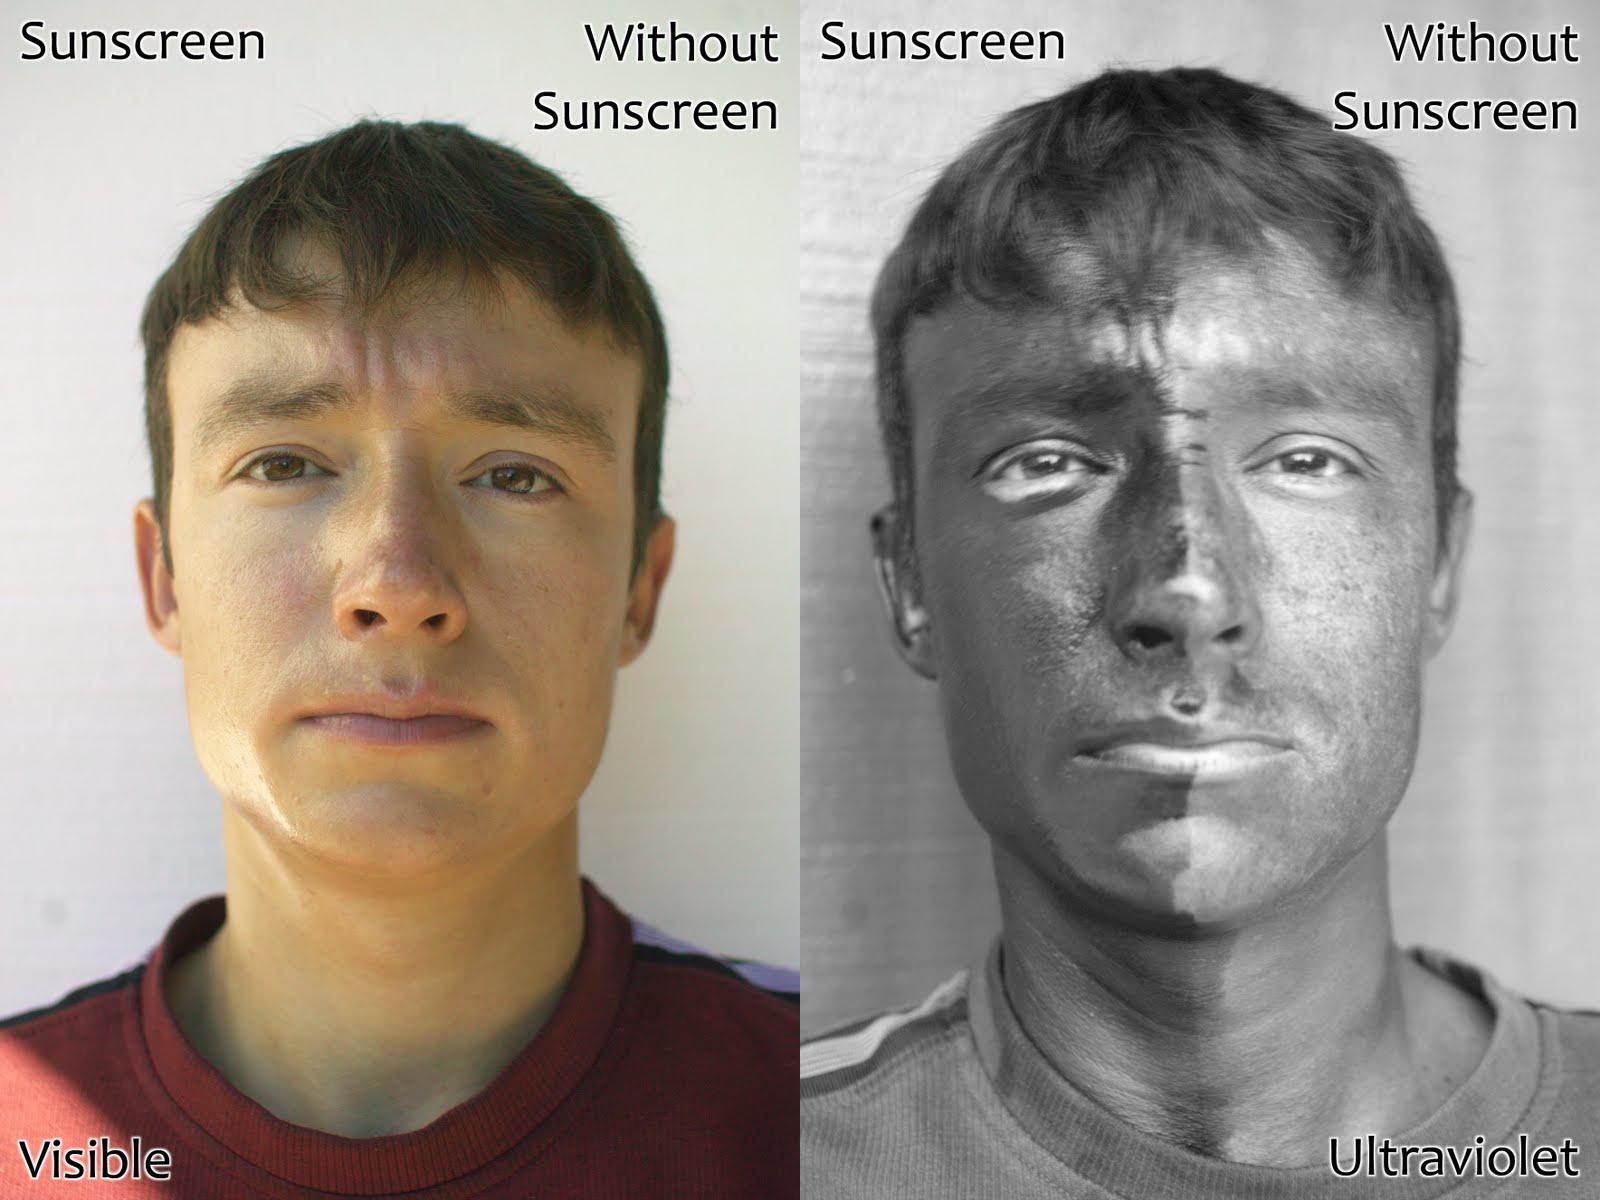 http://4.bp.blogspot.com/-A4JGV7pkjFA/TXFn5B7cdVI/AAAAAAAACZU/XPGDaHWDiiI/s1600/sunscreen-none-visible-UV.jpg